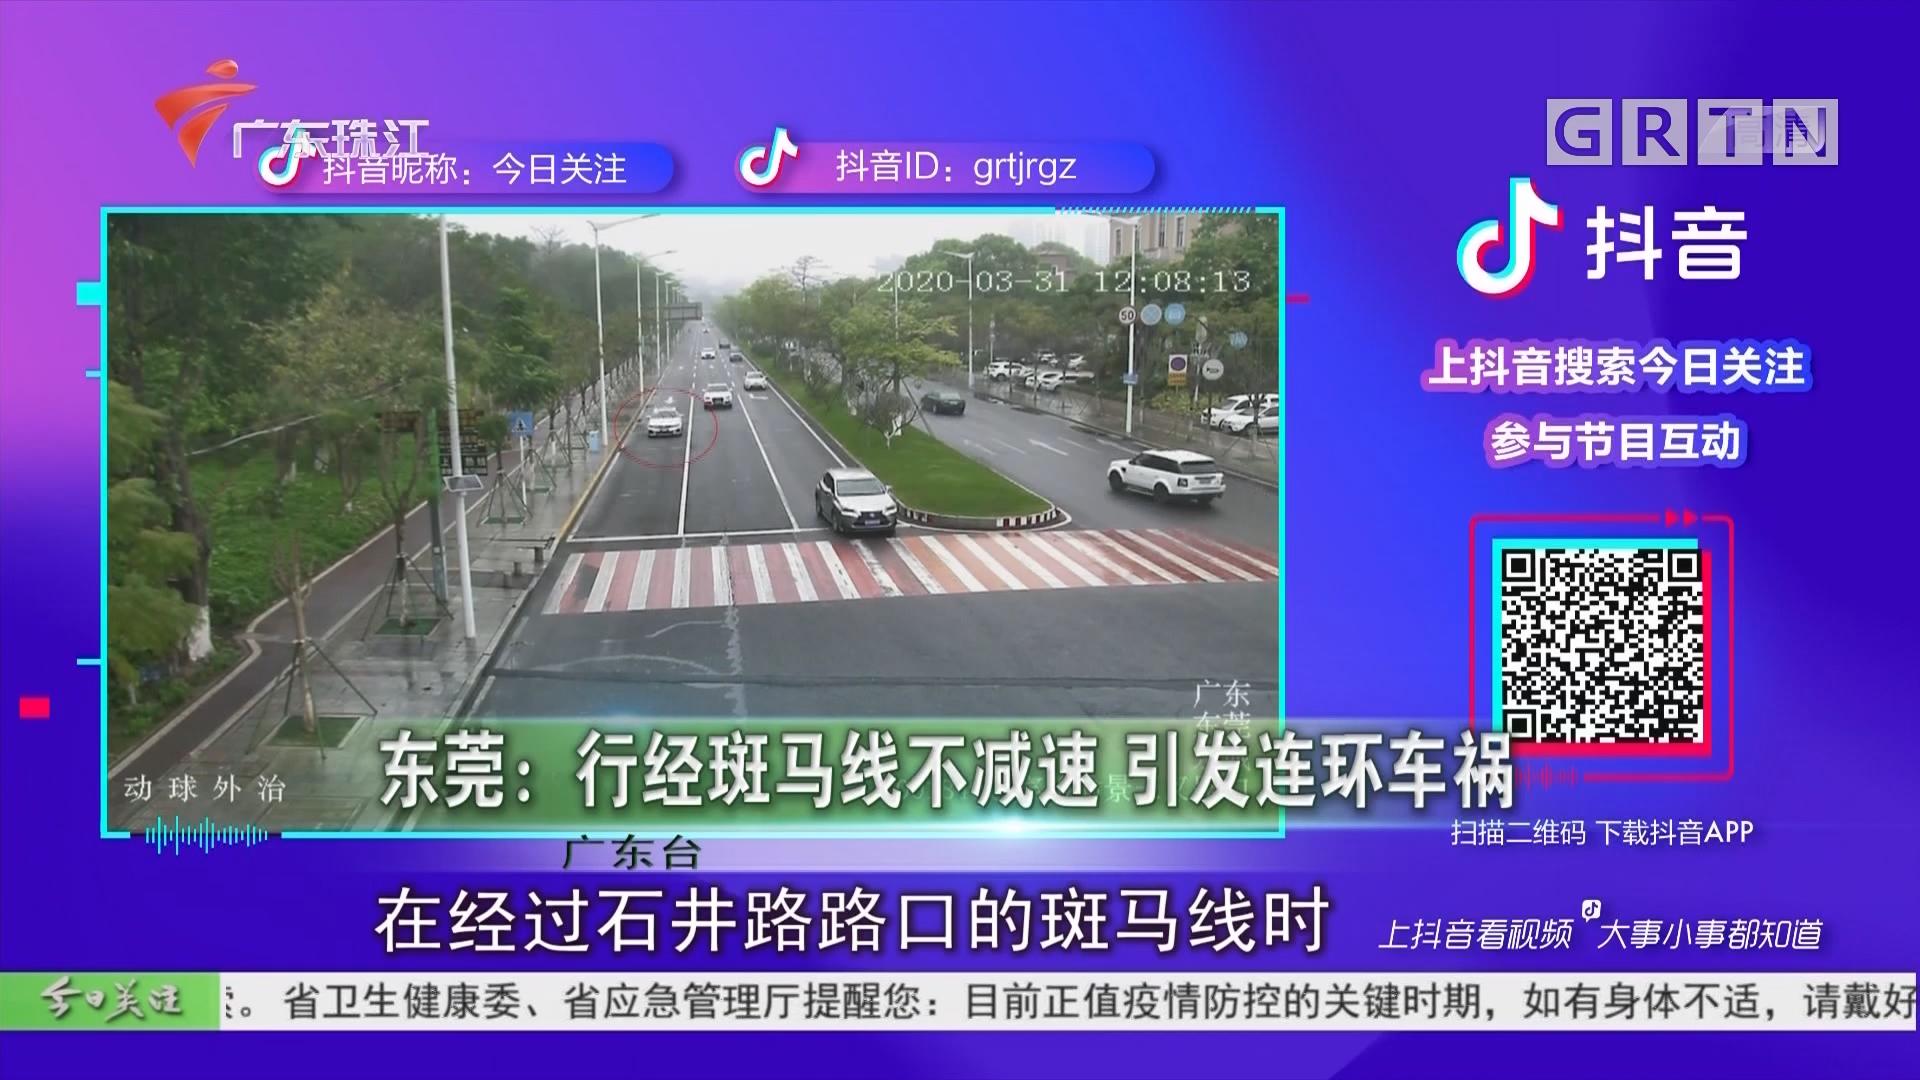 东莞:行经斑马线不减速 引发连环车祸